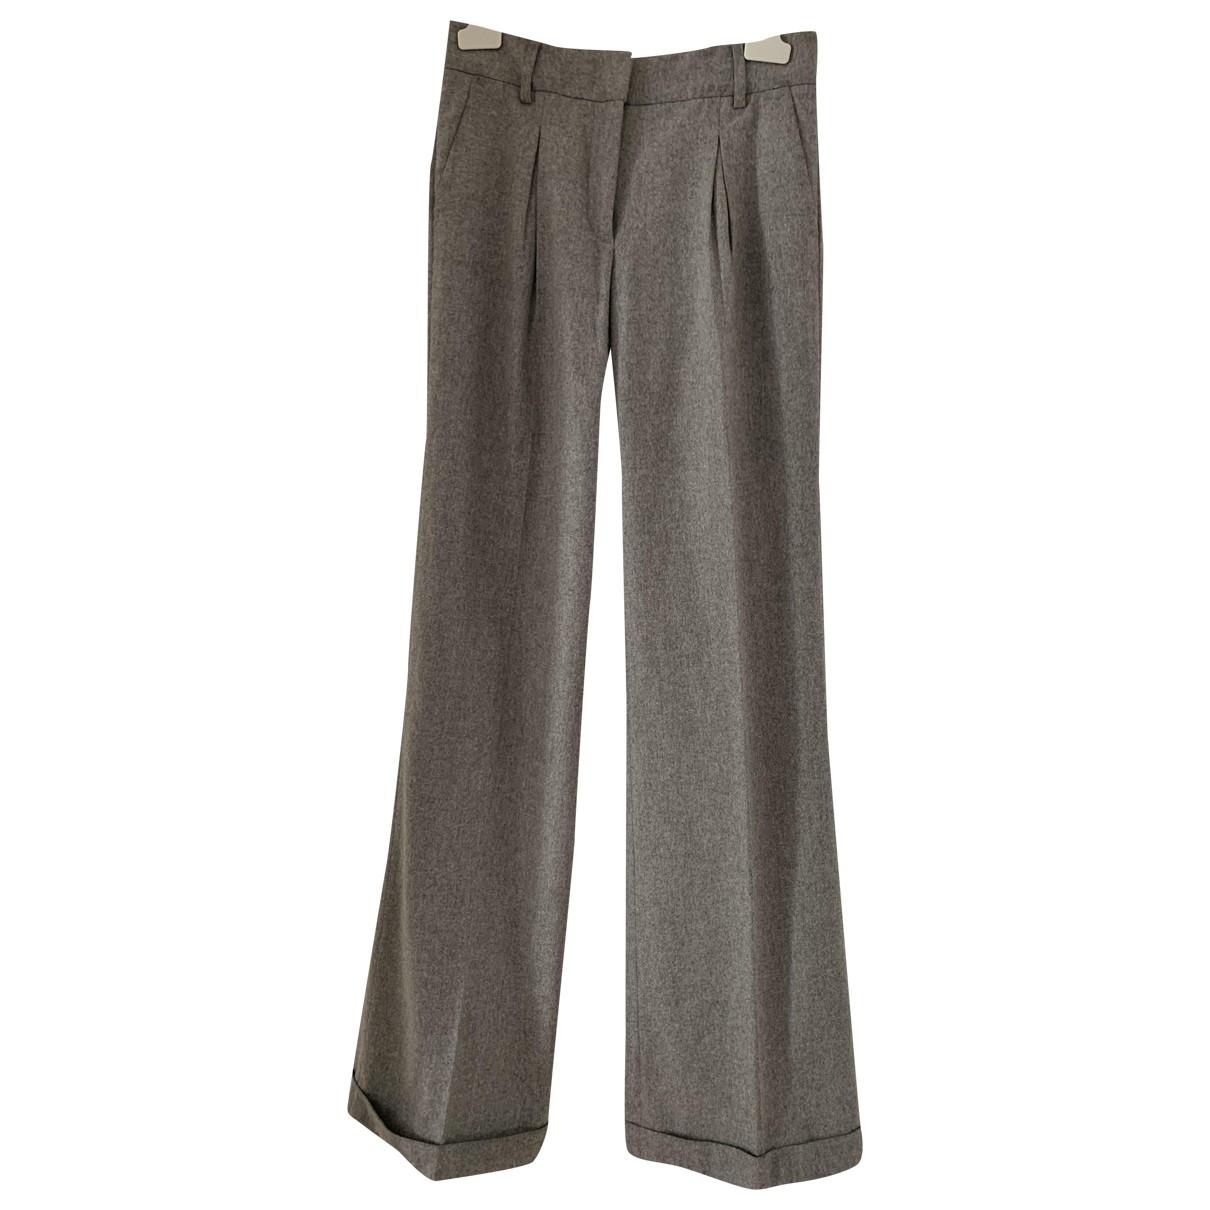 Pantalon recto de Lana Class Cavalli